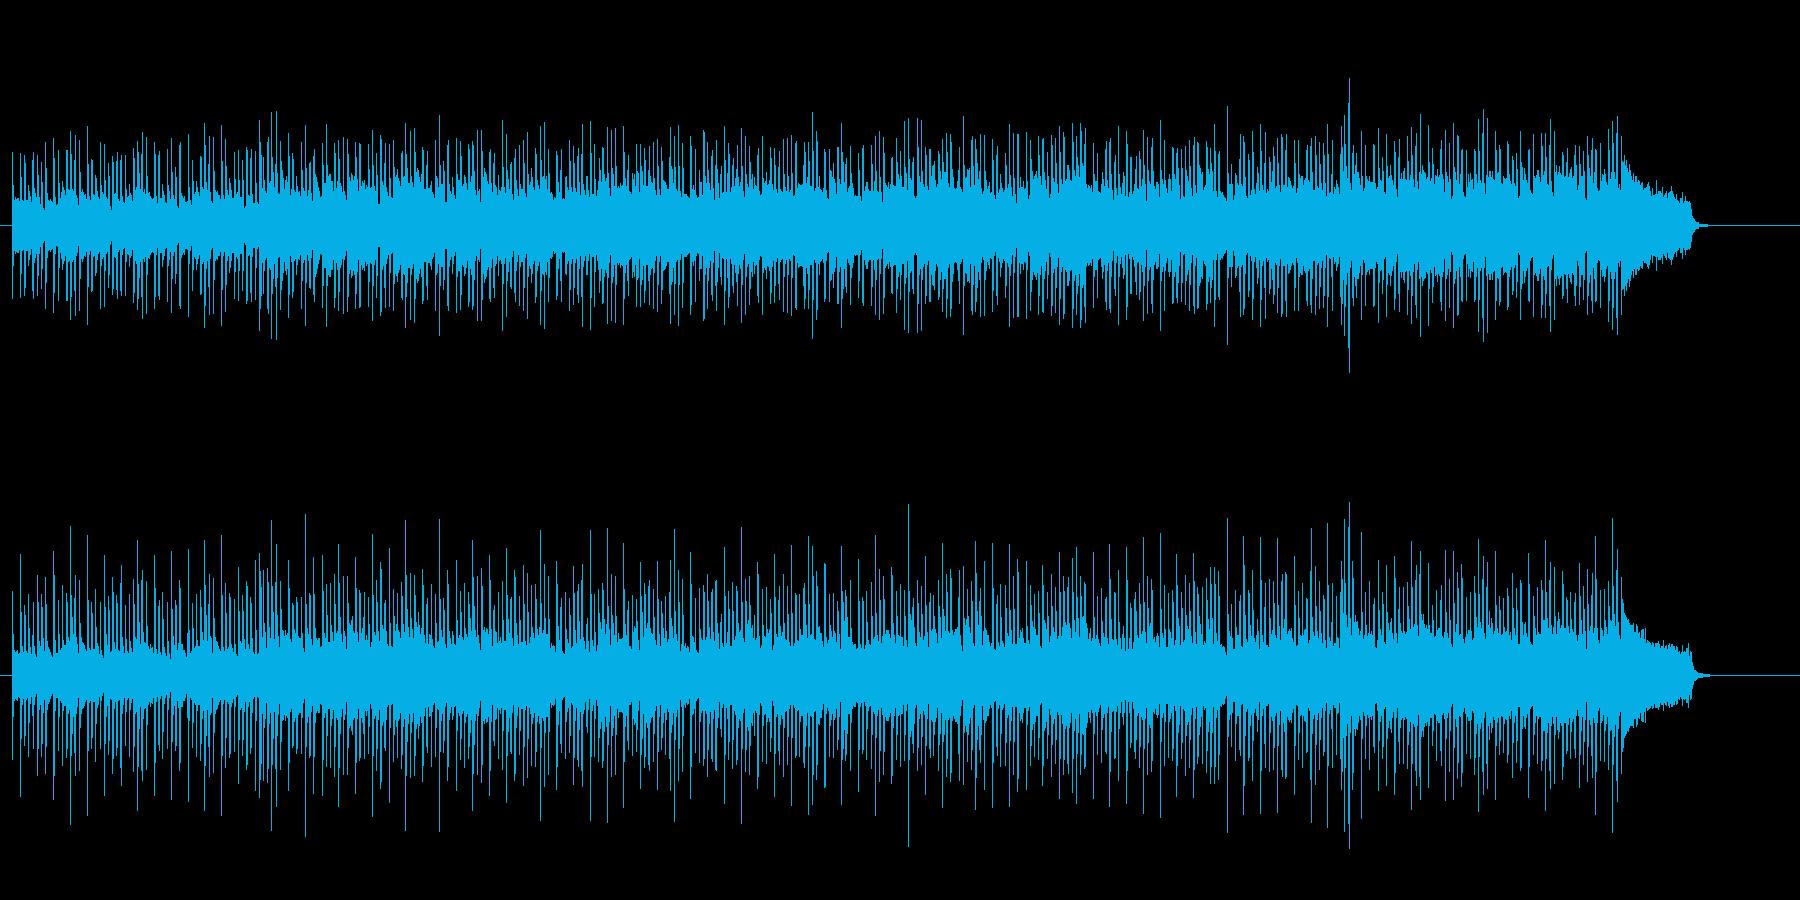 パーカッシヴなラテン調ポップスの再生済みの波形